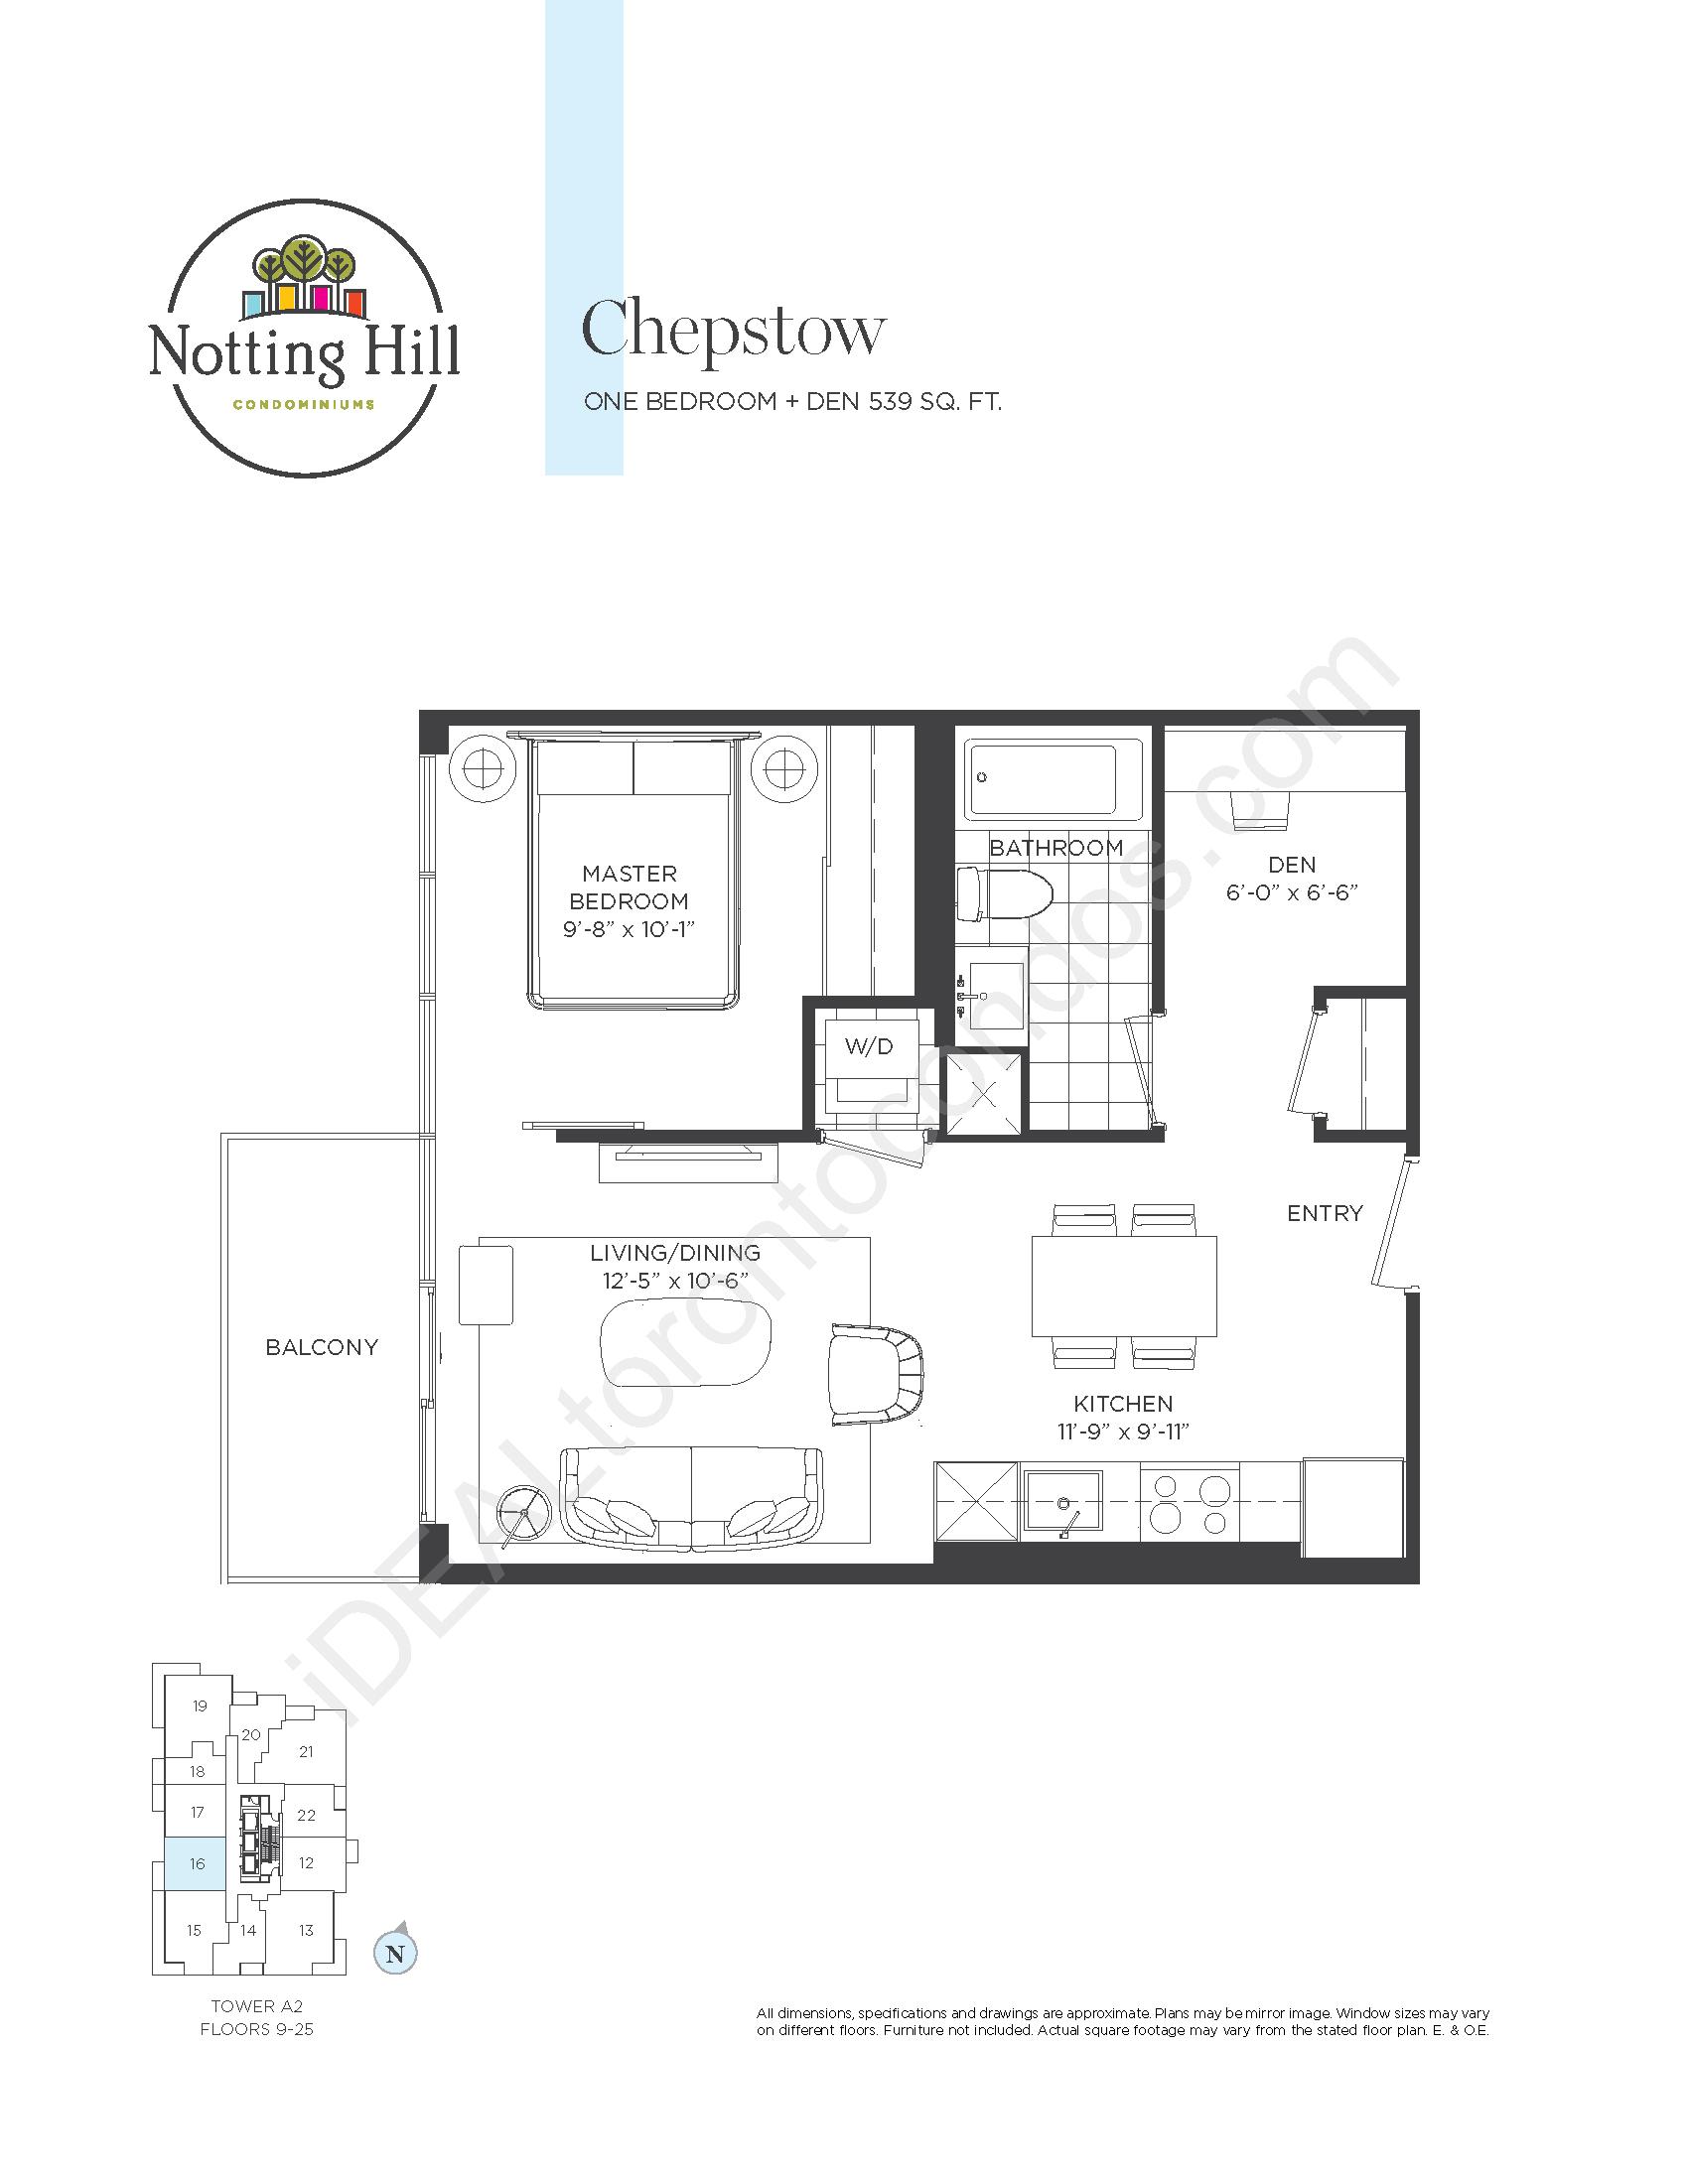 Chepstow - One bedroom + den